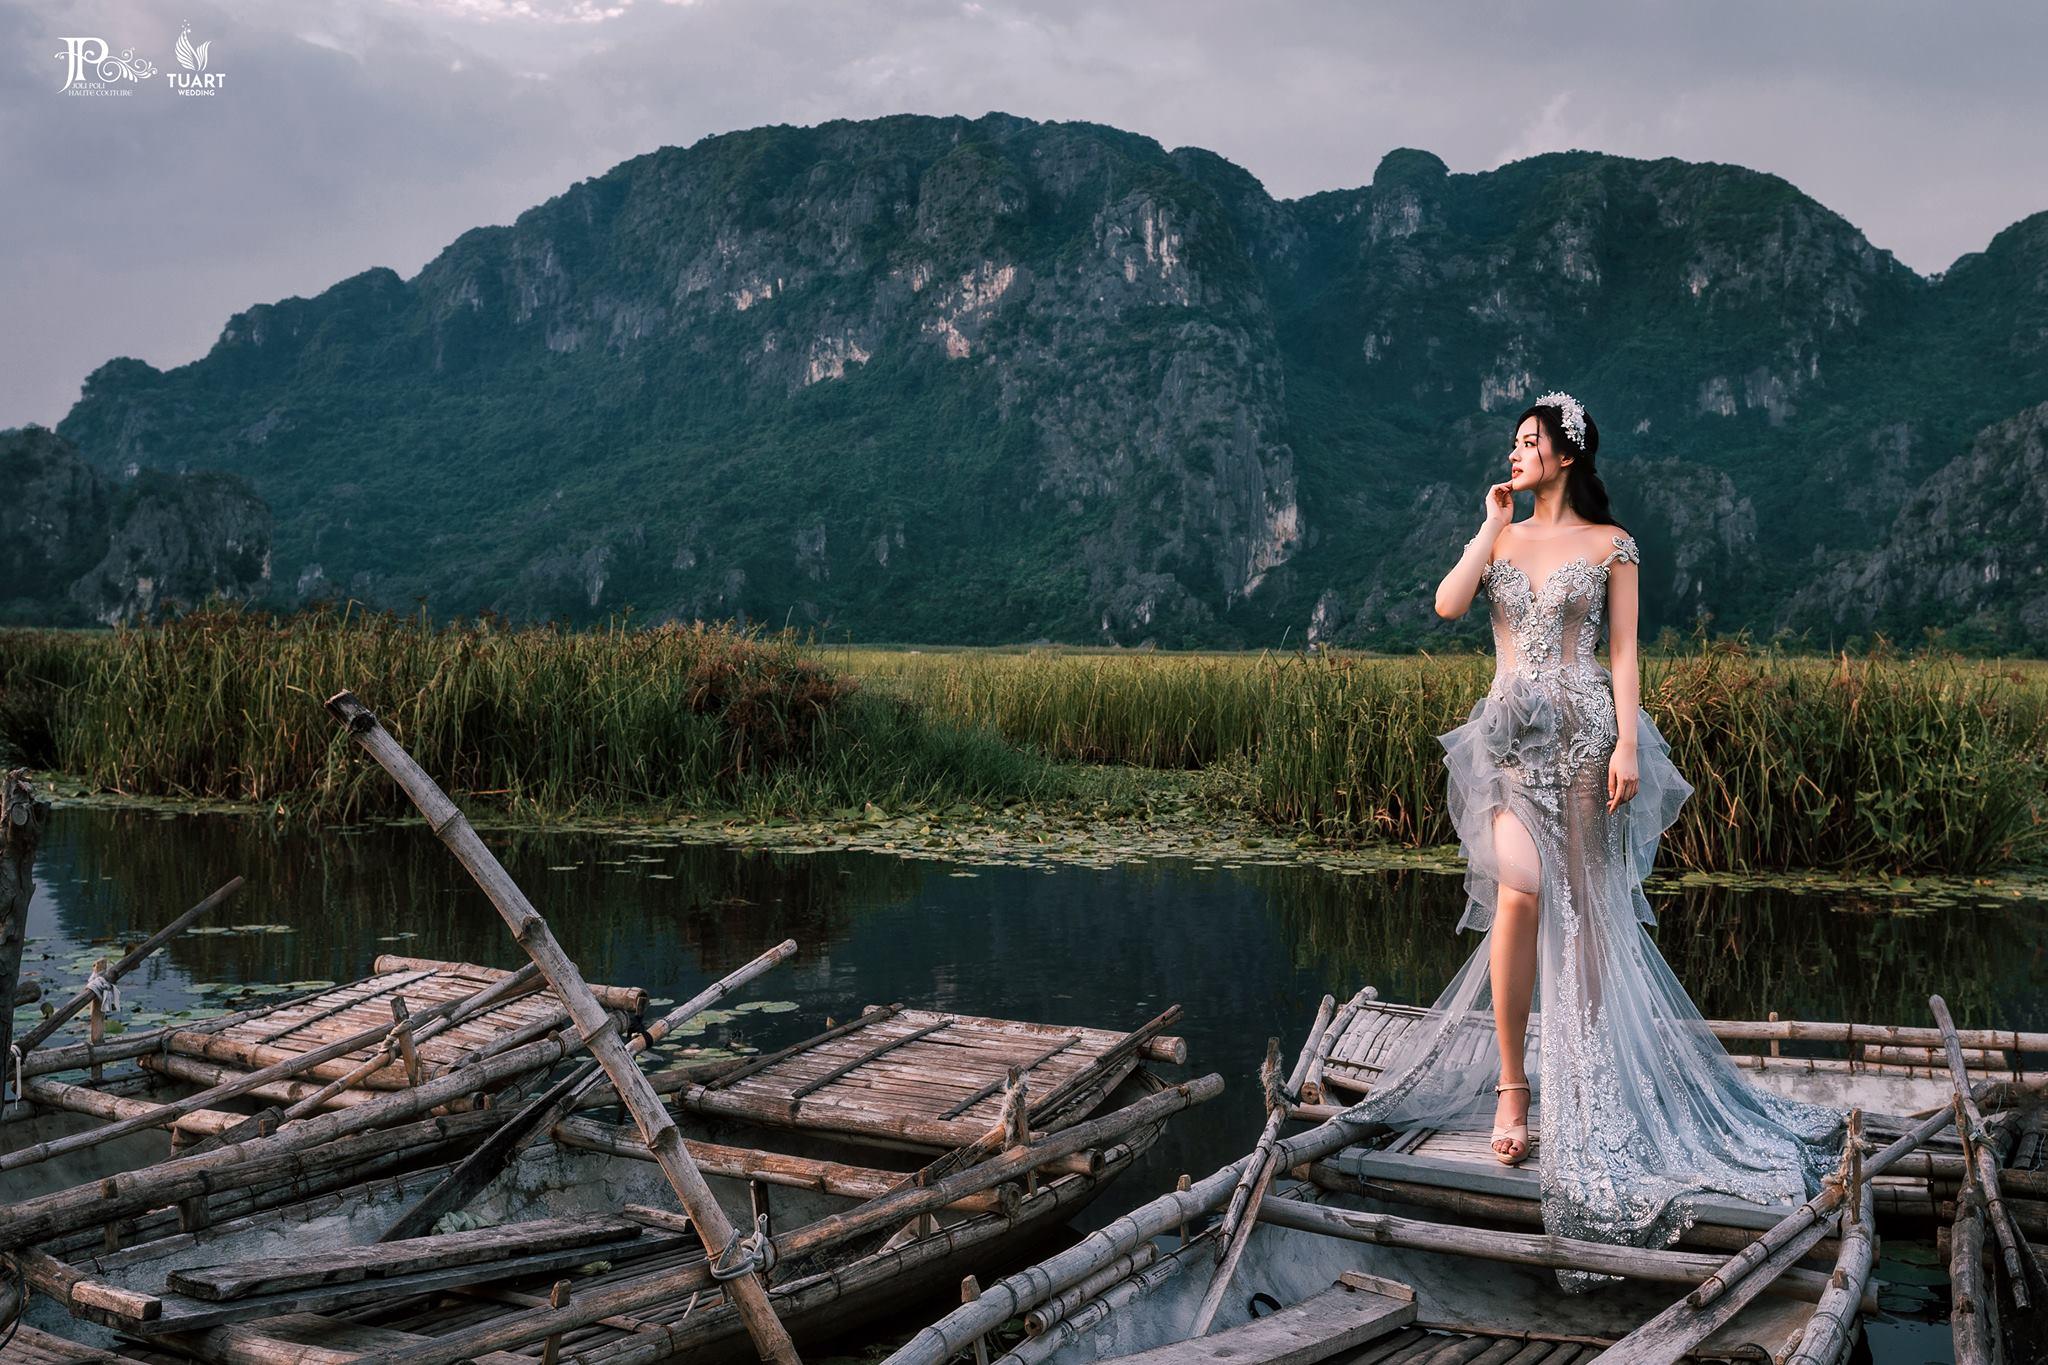 Album tại Ninh Bình Khánh Linh & Jeff Breuers – Album chụp ảnh cưới đẹp 2